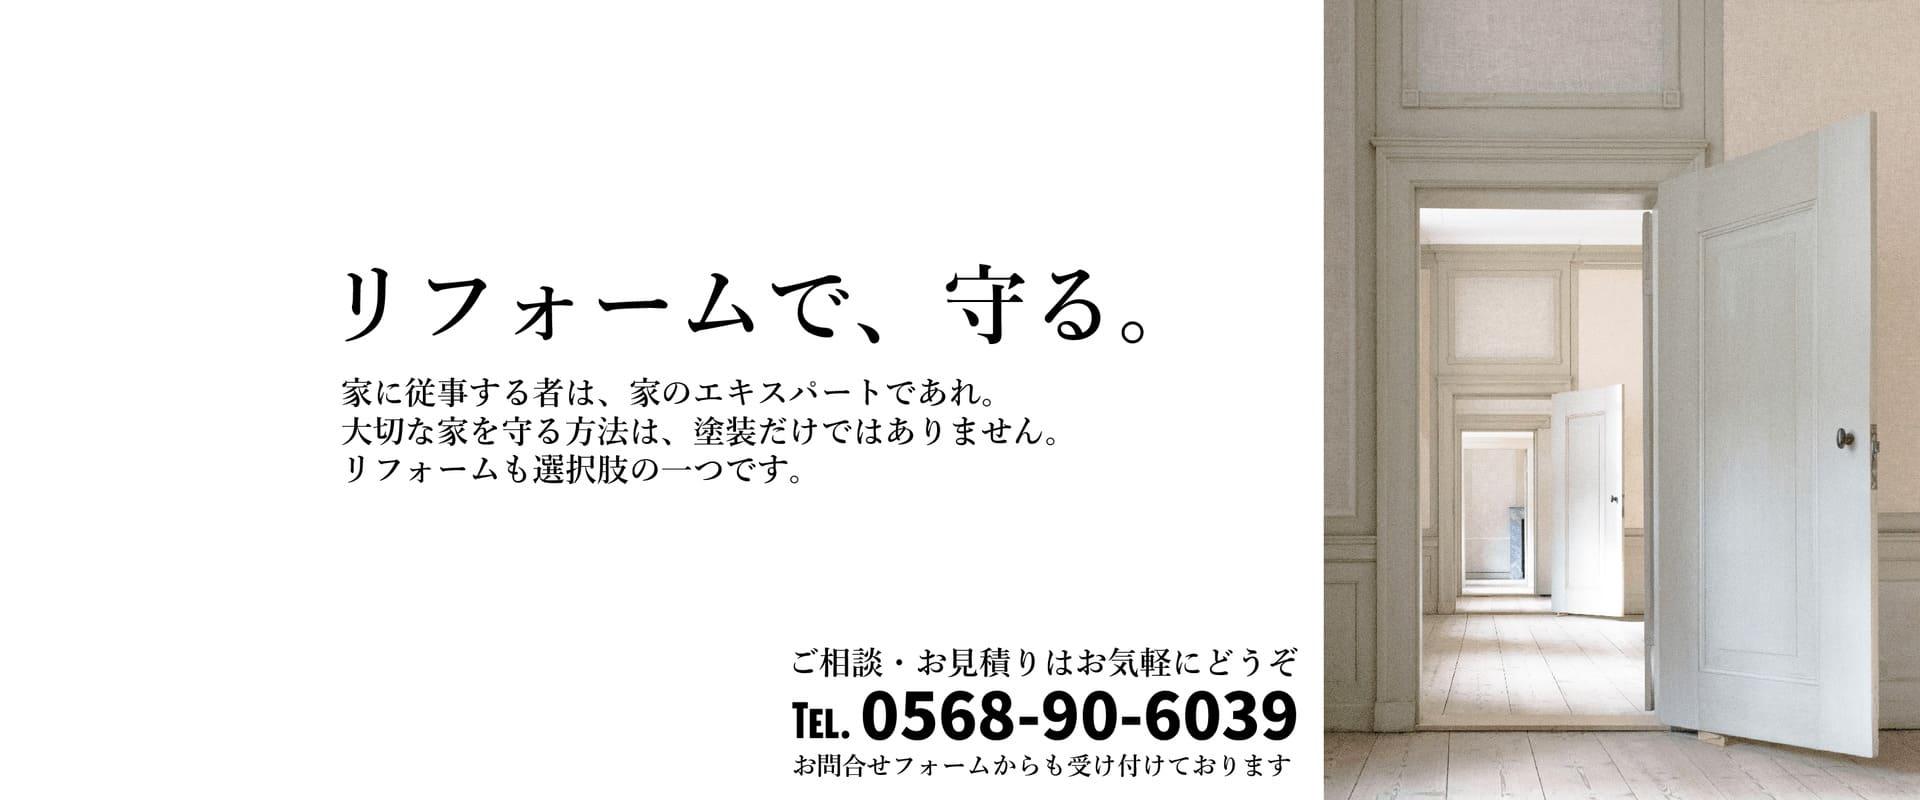 TopImage-02_1920x800_cmp